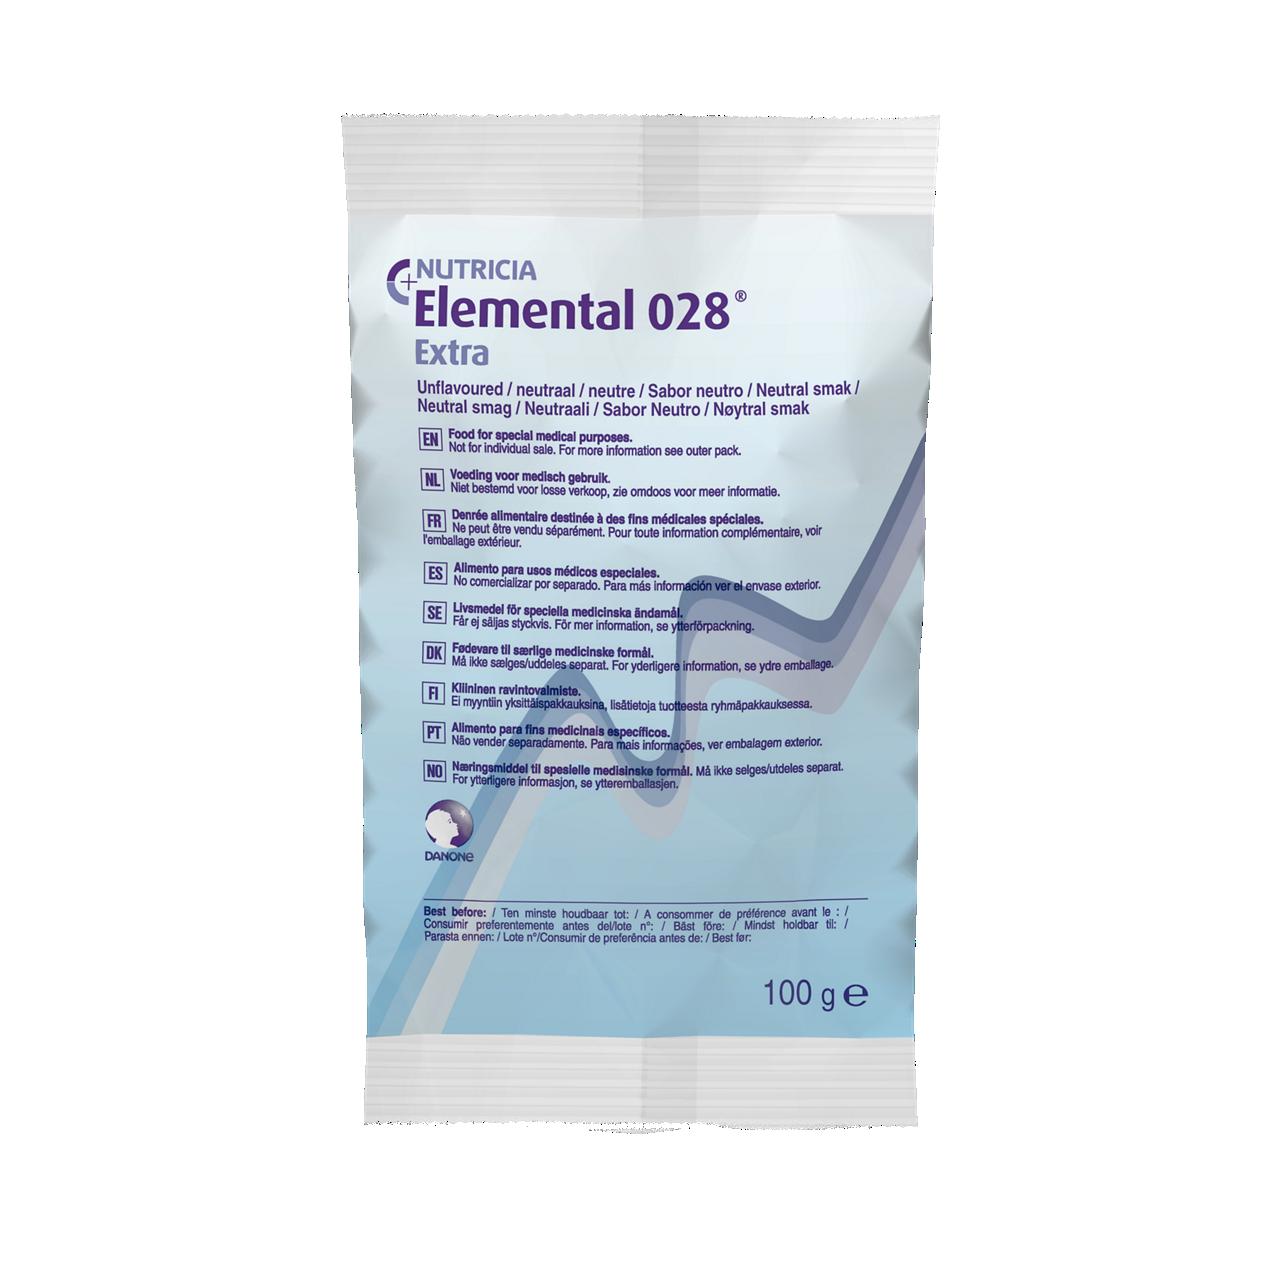 elemental-028-extra-powder-packshot.png